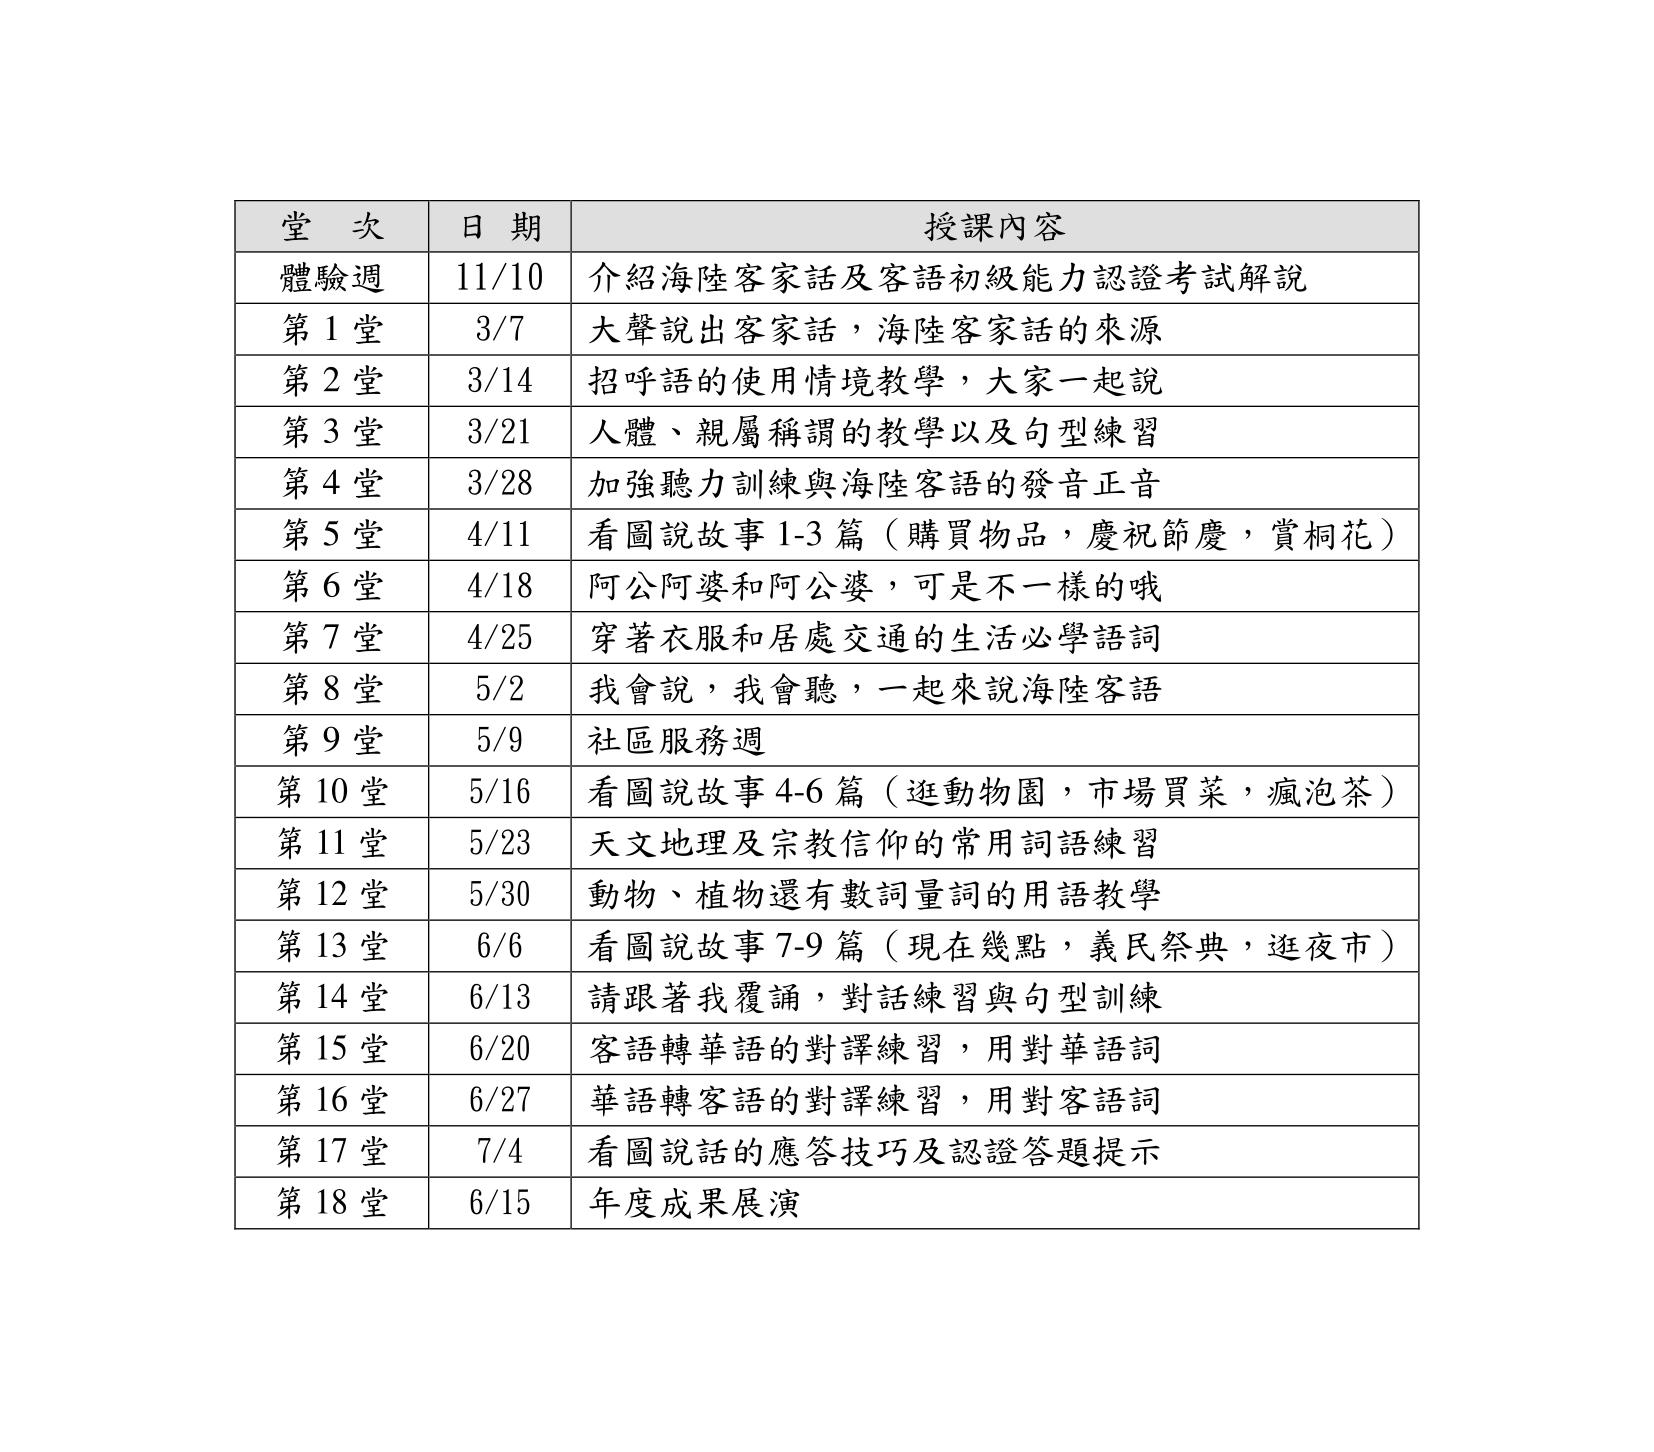 單堂課程表-22.png